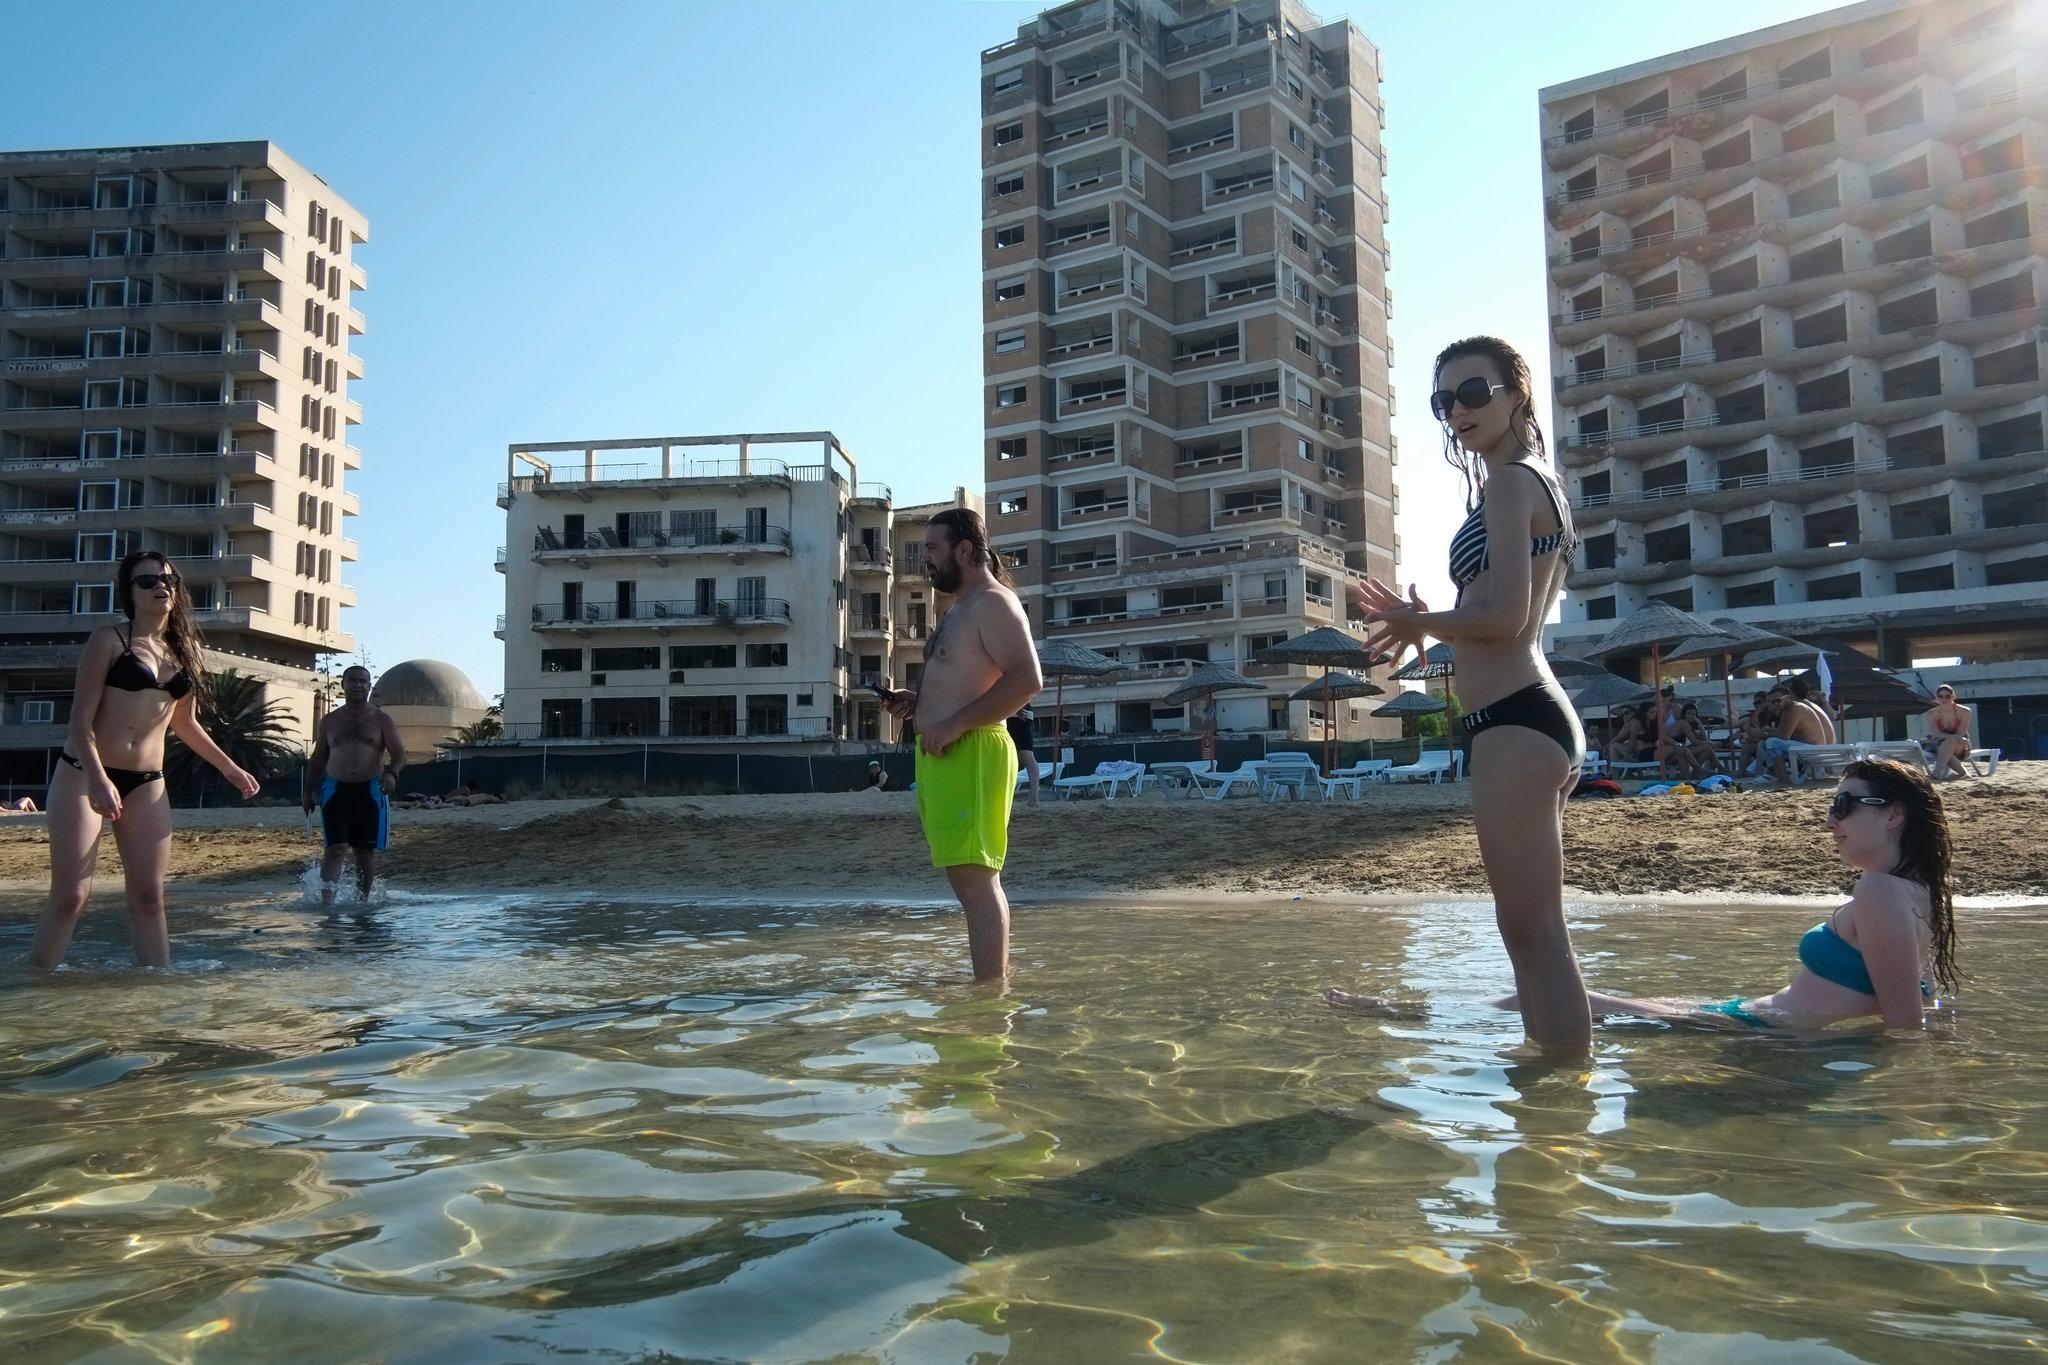 Mercedes Car Wallpaper For Mobile Cyprus Resort Varosha Remains Sealed Off To Visitors